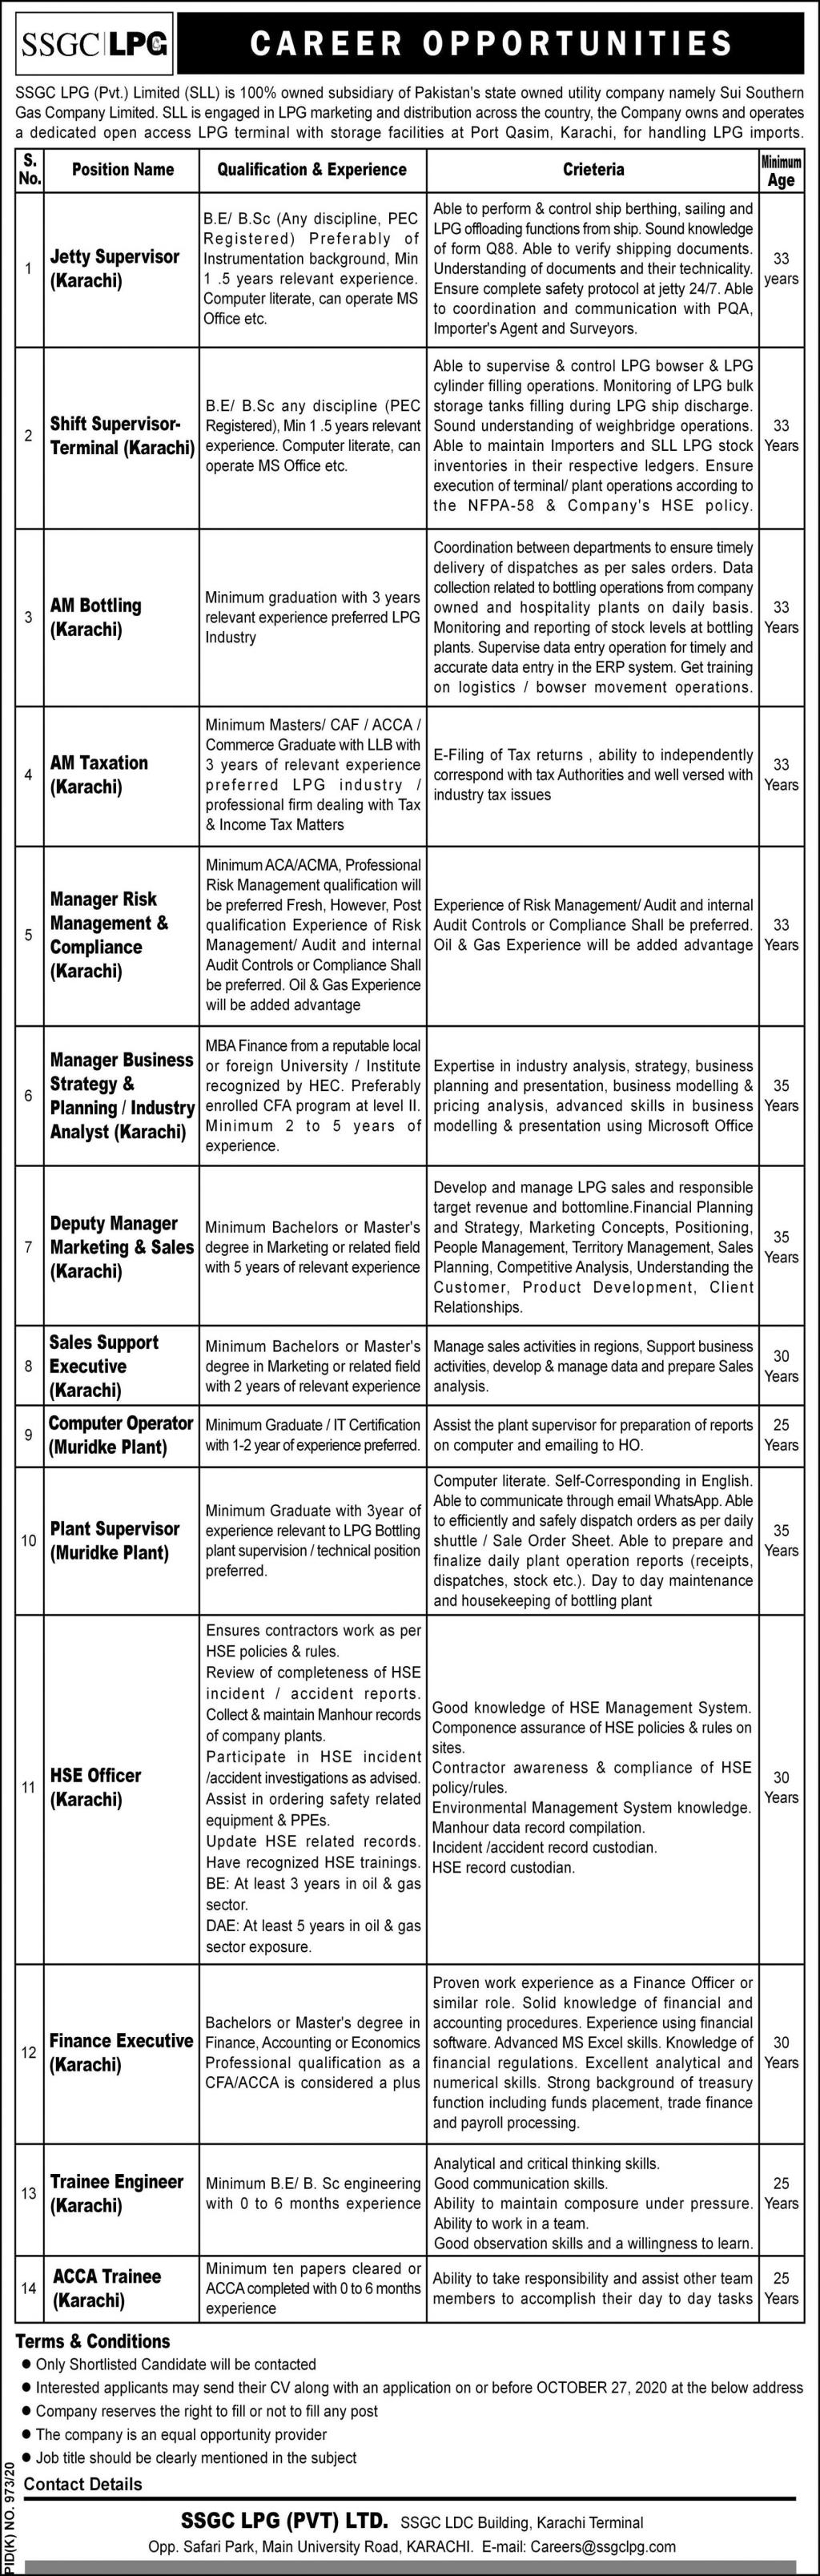 SSGC LPG Jobs 2020 in Karachi